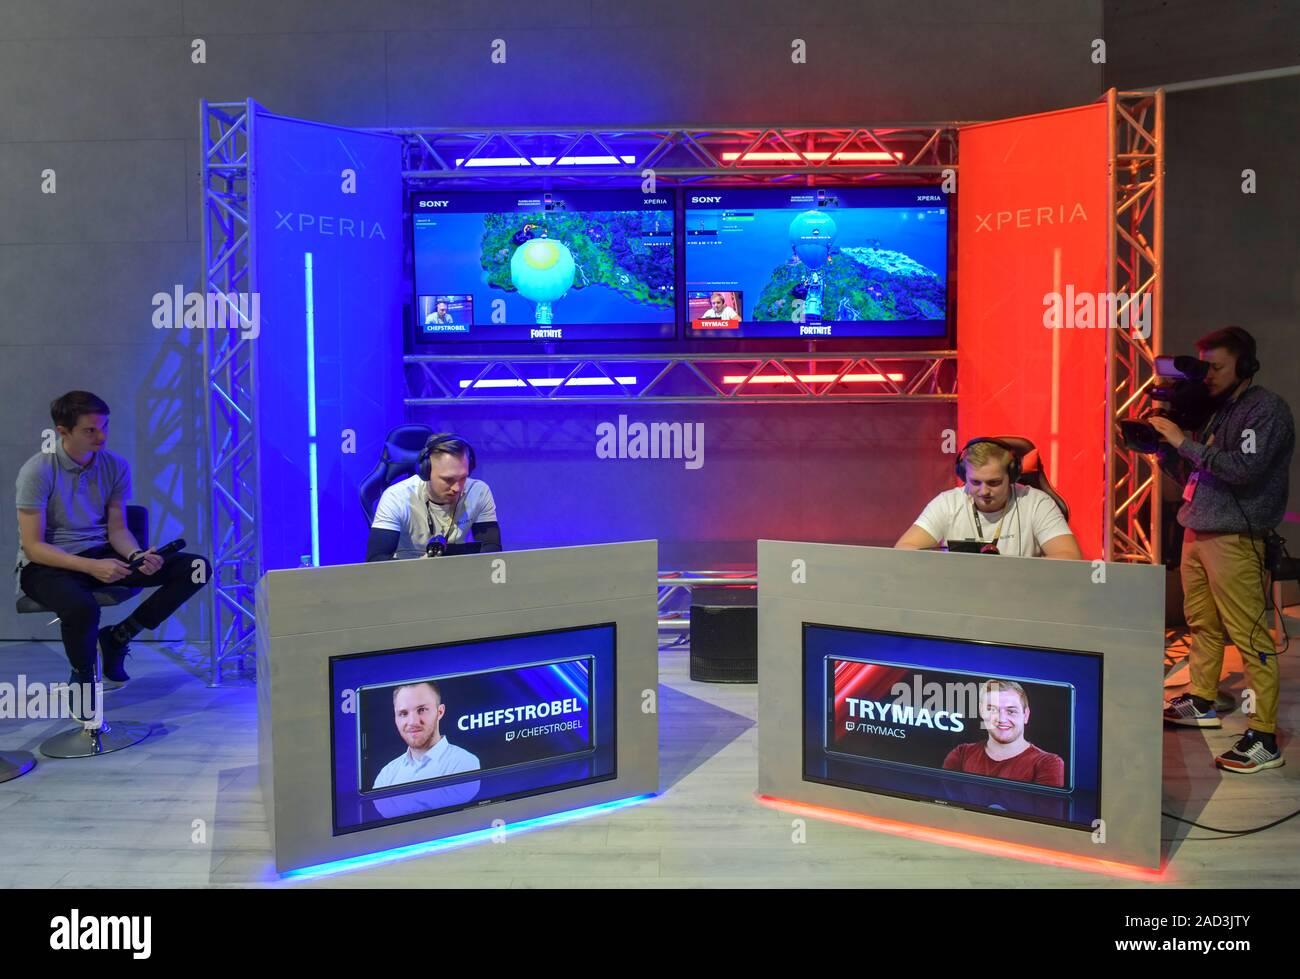 Computerspiel Fortnite auf dem Sony Experia mit dem PS 4 Controller. Sony, Internationale Funkaustellung, Berlin 2019, Deutschland Stock Photo